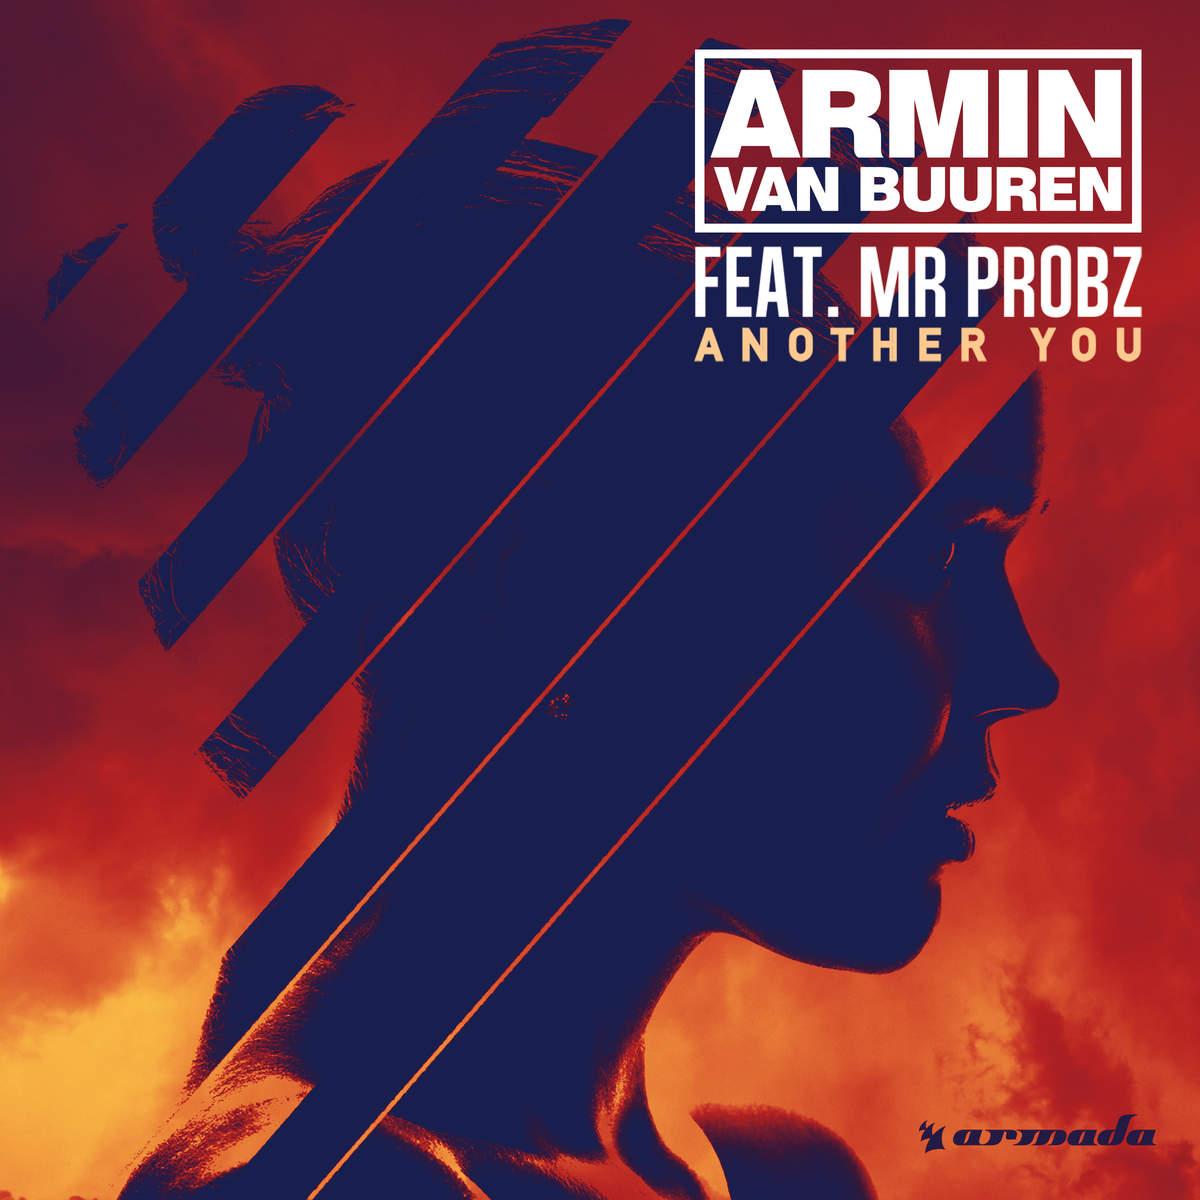 """Armin van Buuren """"Another You"""" (featuring Mr. Probz)"""